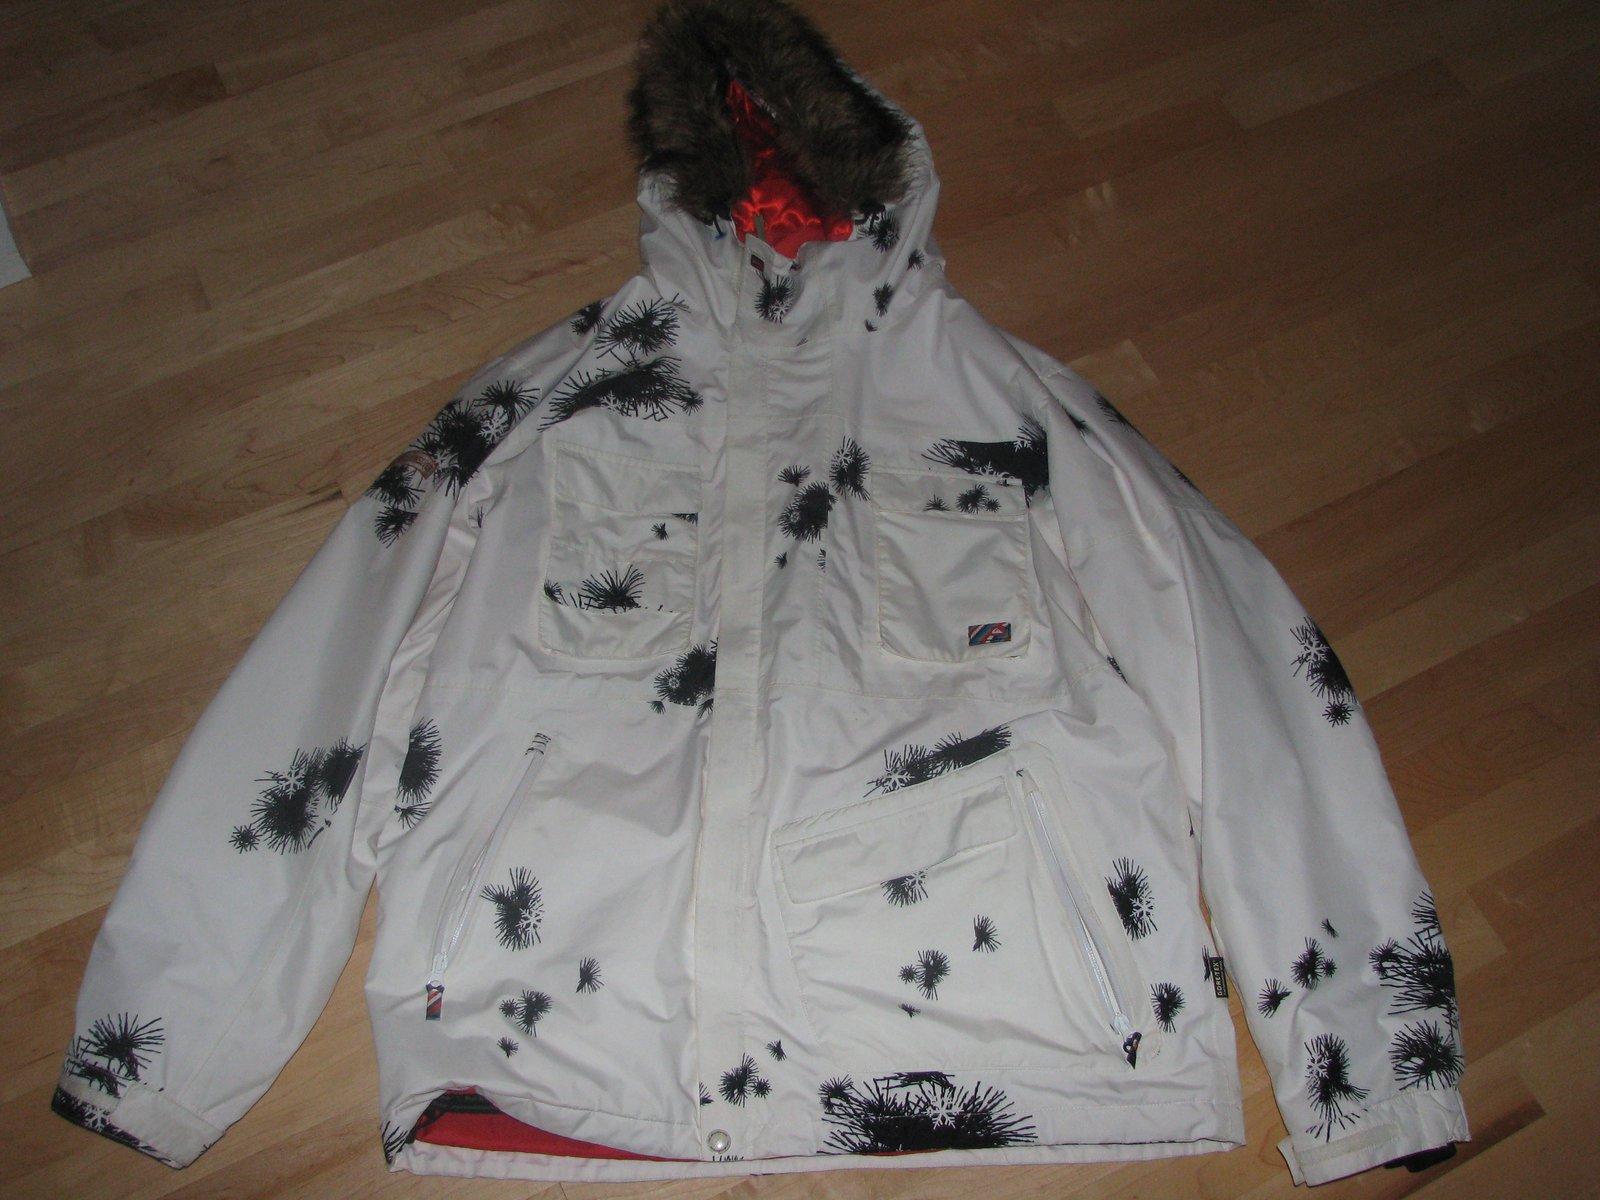 Quicksilver utility jacket